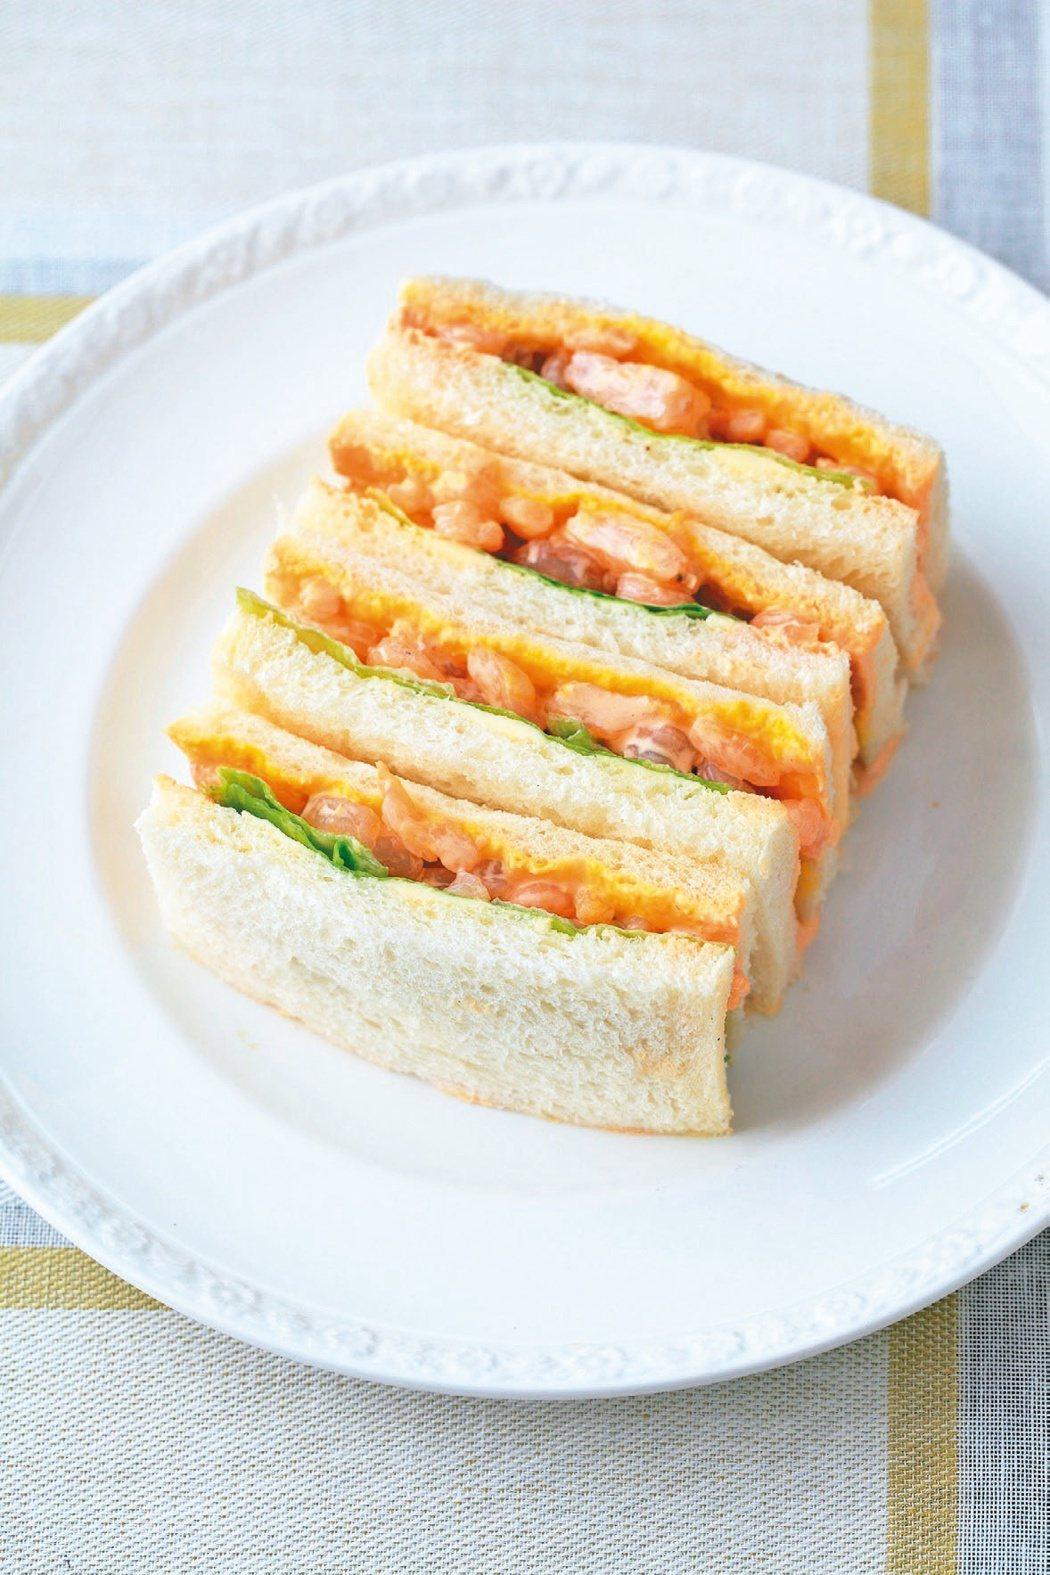 鮮蝦三明治。圖/商周提供